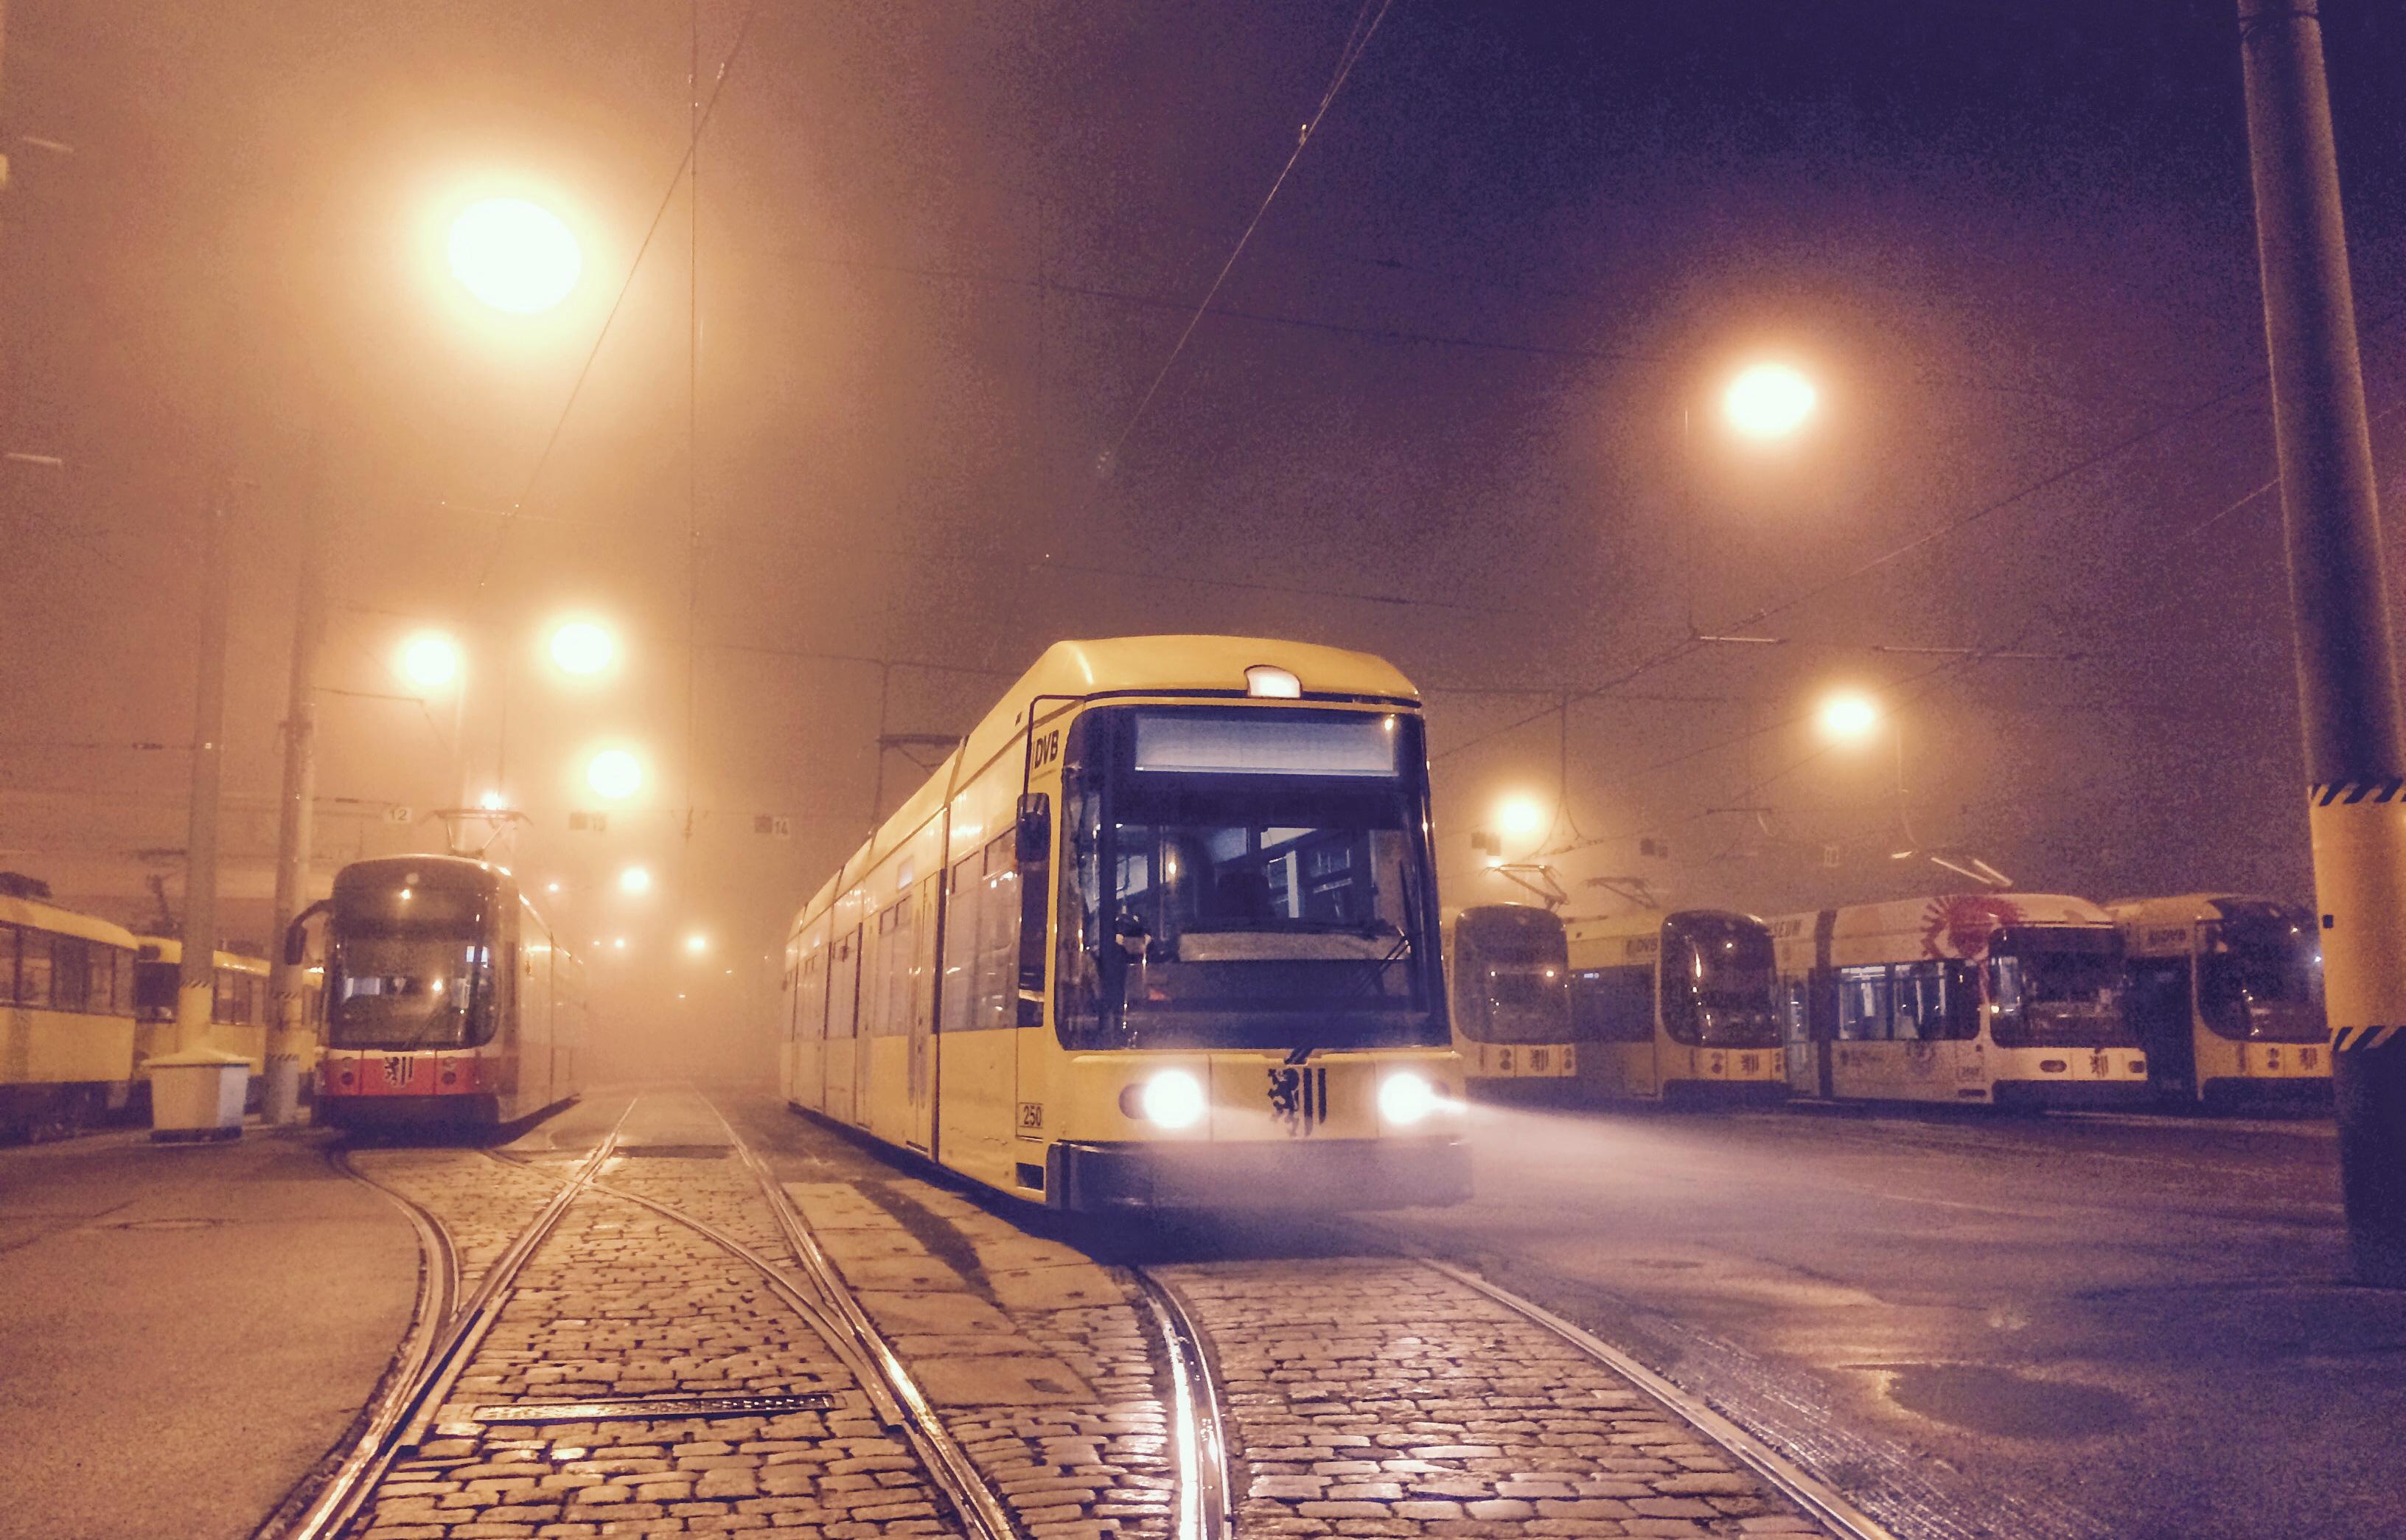 /mit-dem-smartphone-fotografieren/strassenbahn